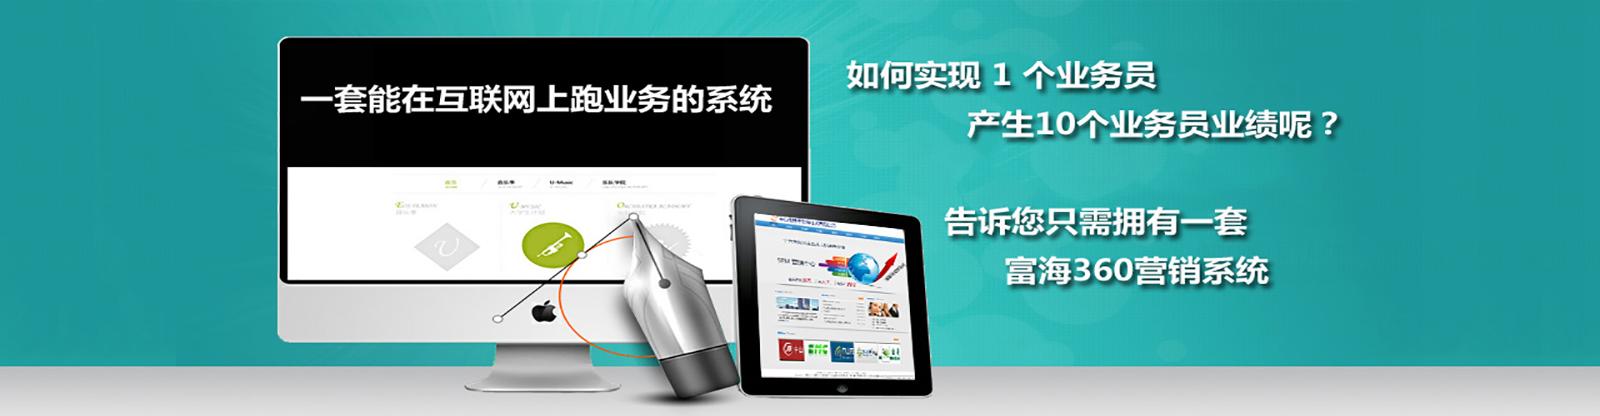 铭赞富海360营销